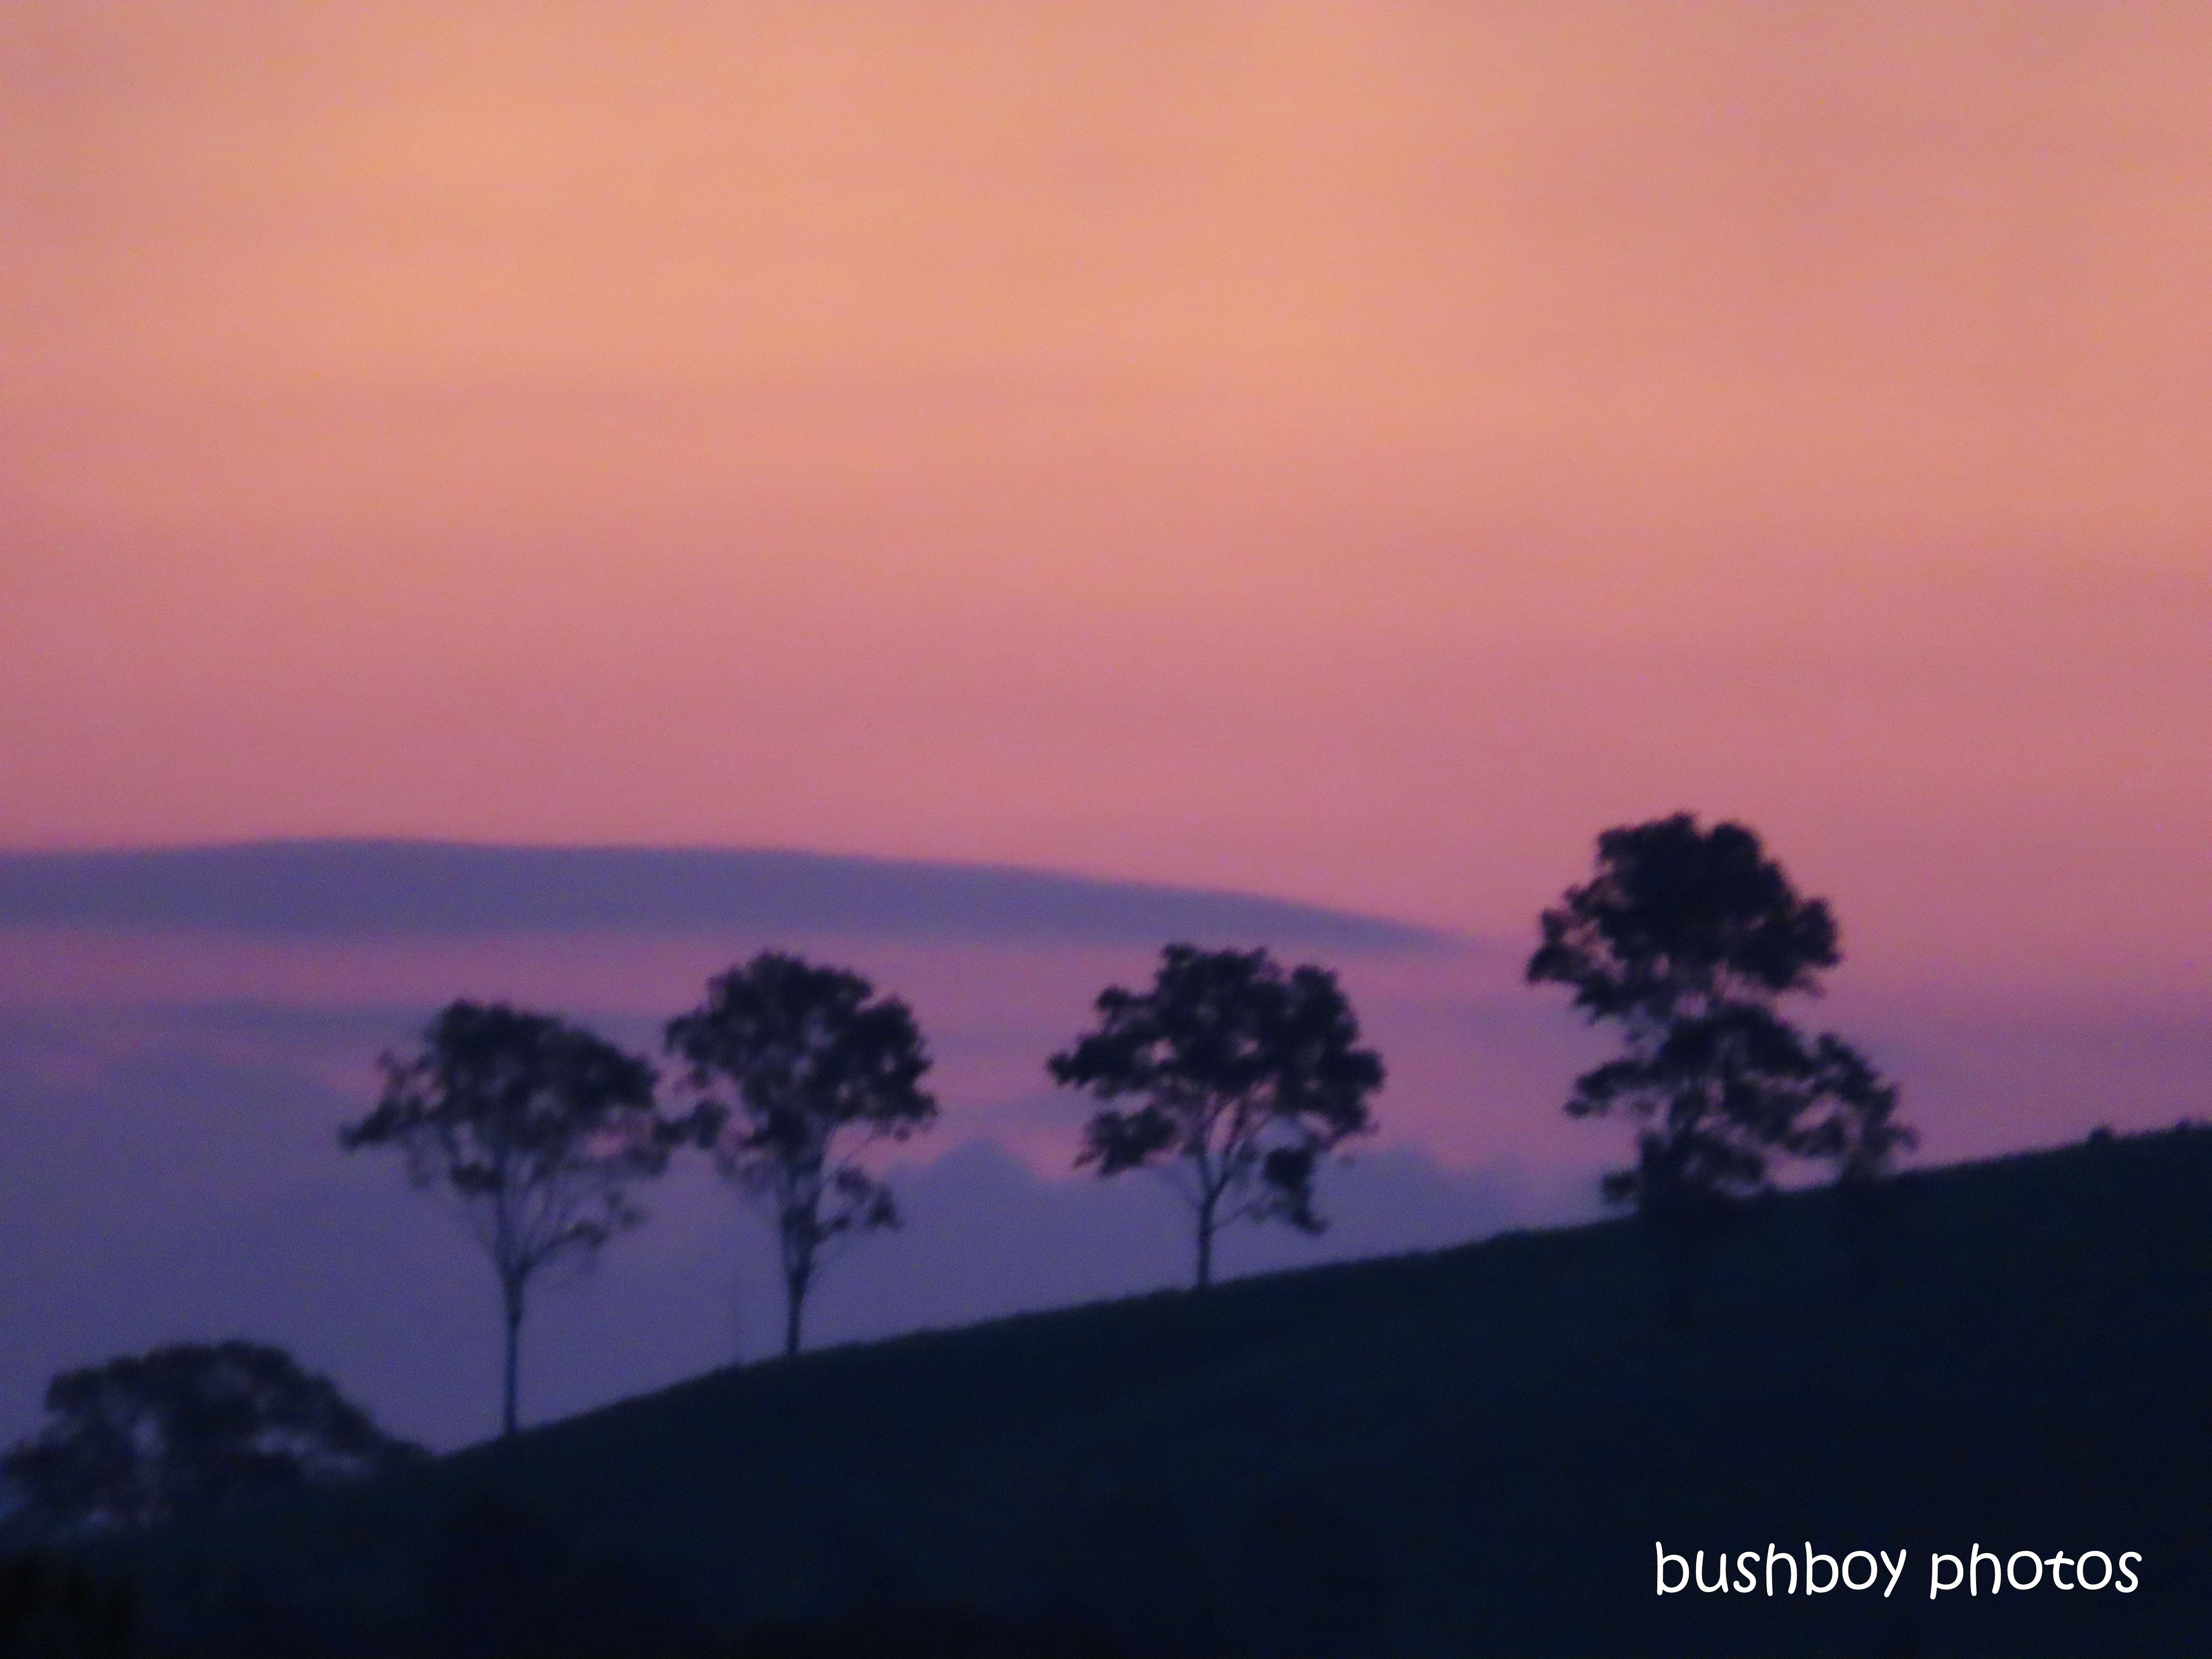 20200201_last on the card_trees_sunset